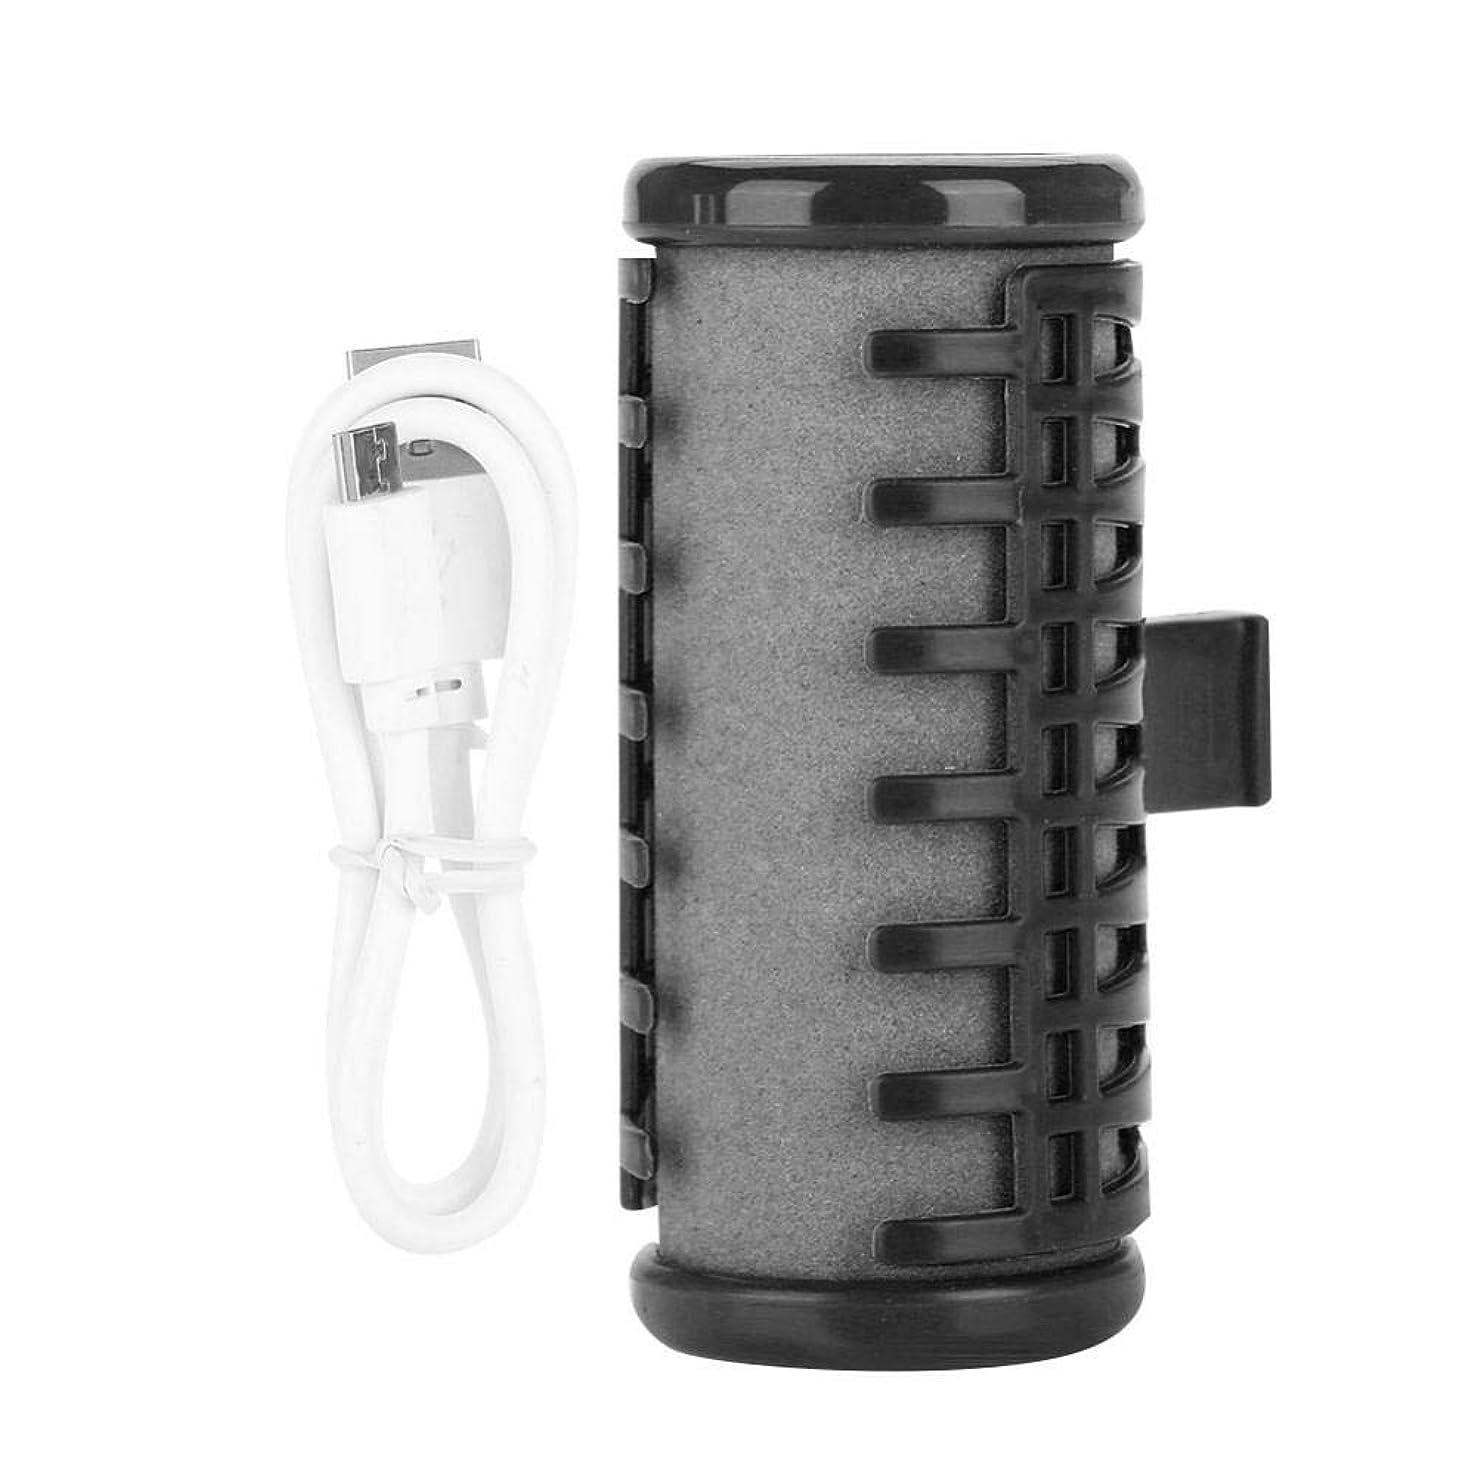 軽量学習者小麦電気ヘアローラー ヘアカーラー 巻きカーラー USB充電式ワイヤレスヘアローラー 巻き髪 持ち運び便利 携帯用 美容用品 DIYヘアスタイルツール サロン 家用(ブラック)